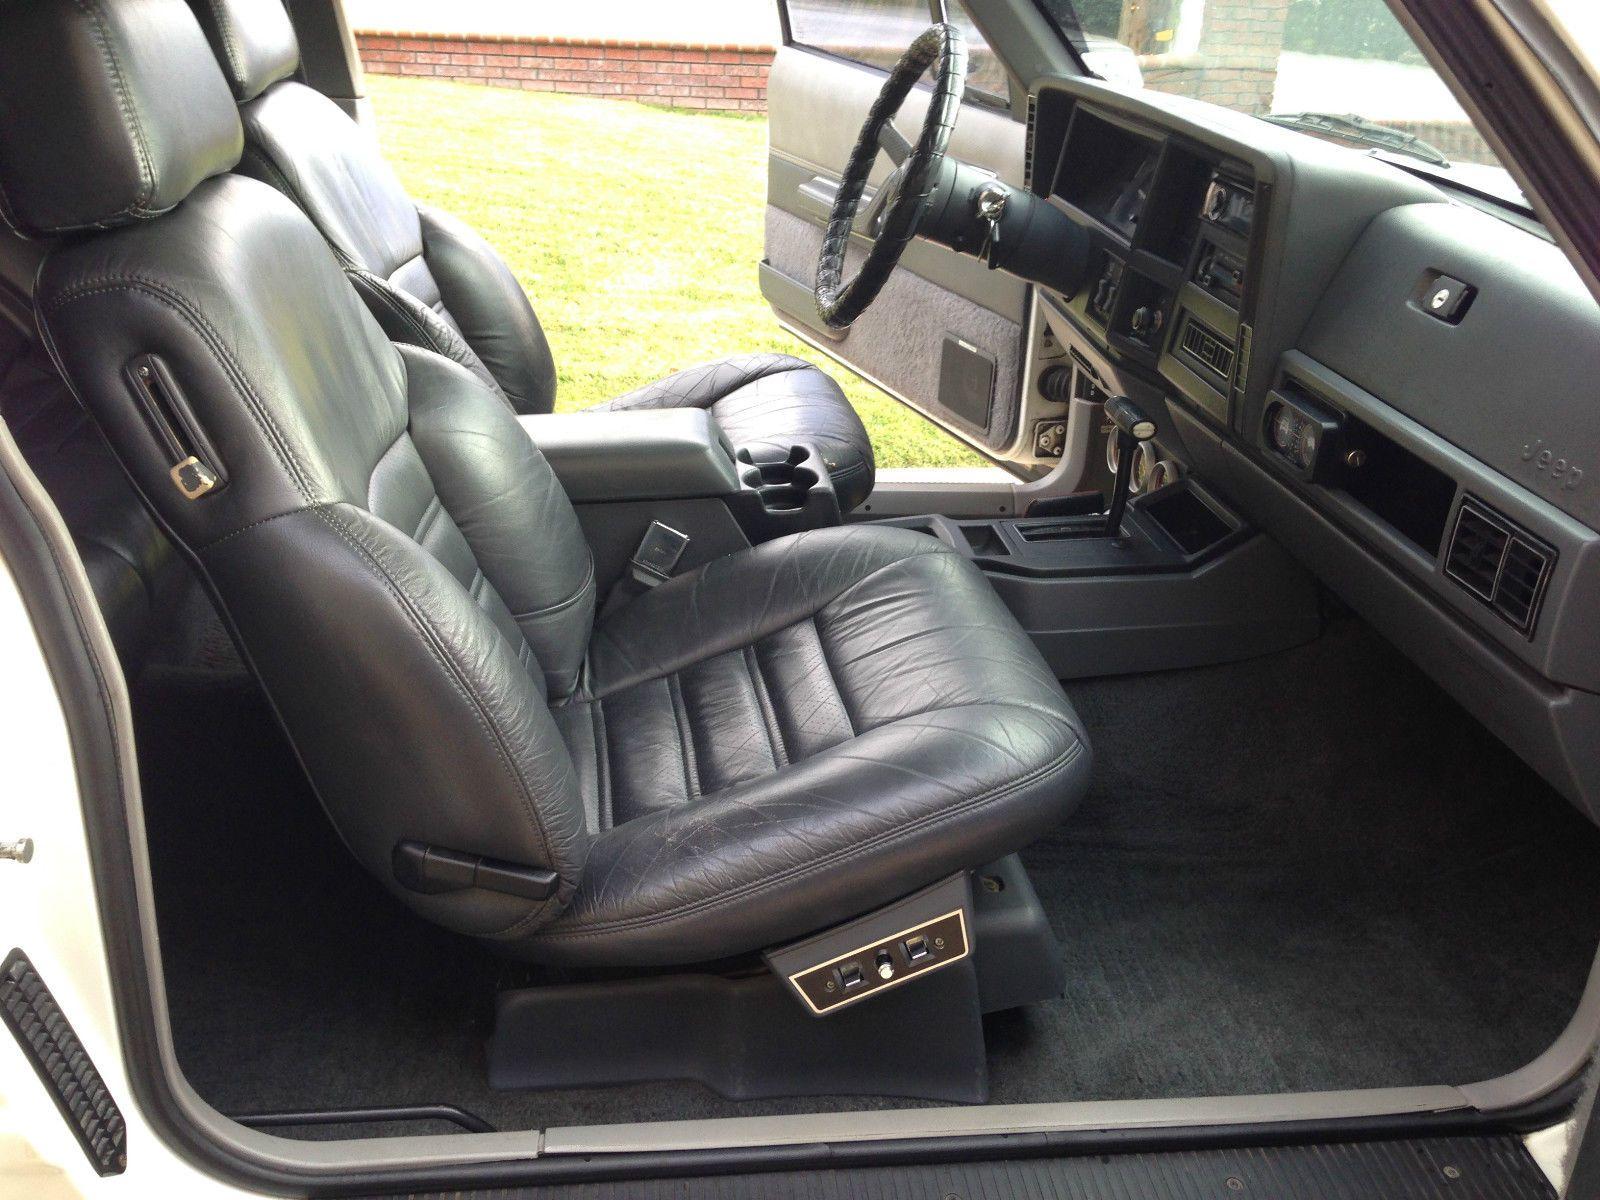 1989 Jeep Cherokee Limited Sport Utility 2 Door Ebay